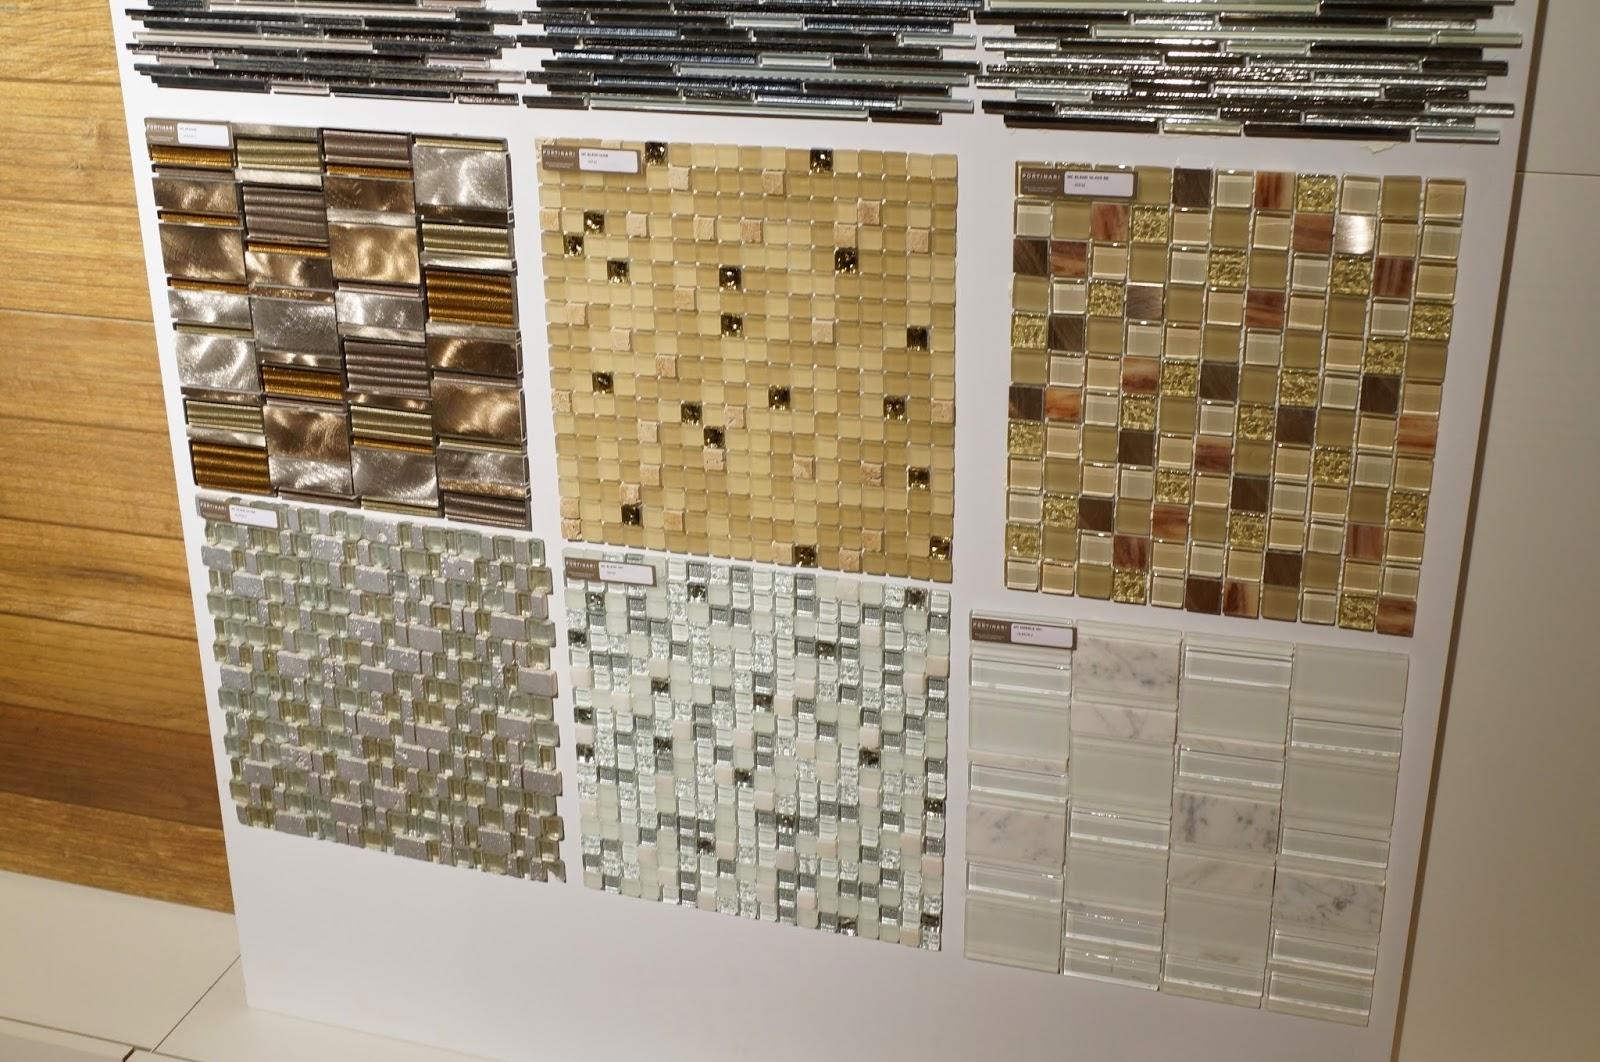 azulejos da linha Blend - lançamentos 2015 da Cerâmica Portinari